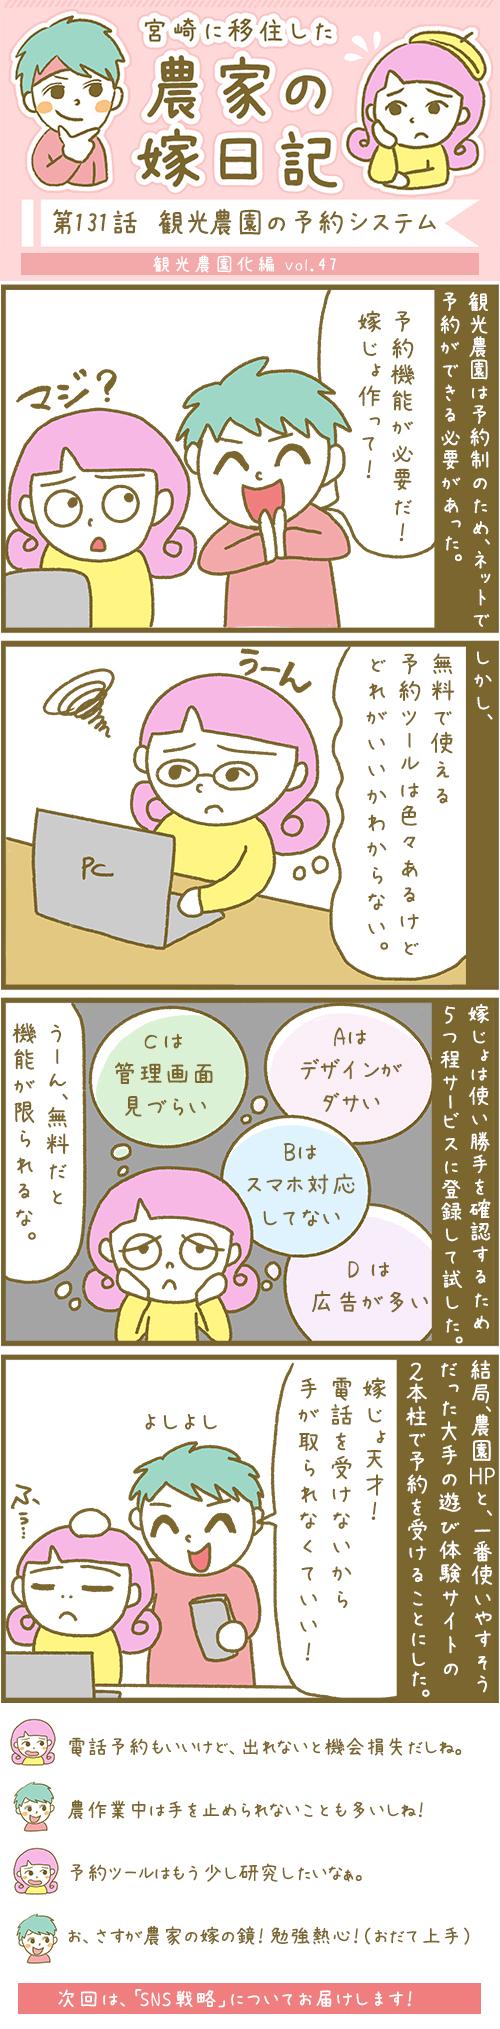 漫画第131話